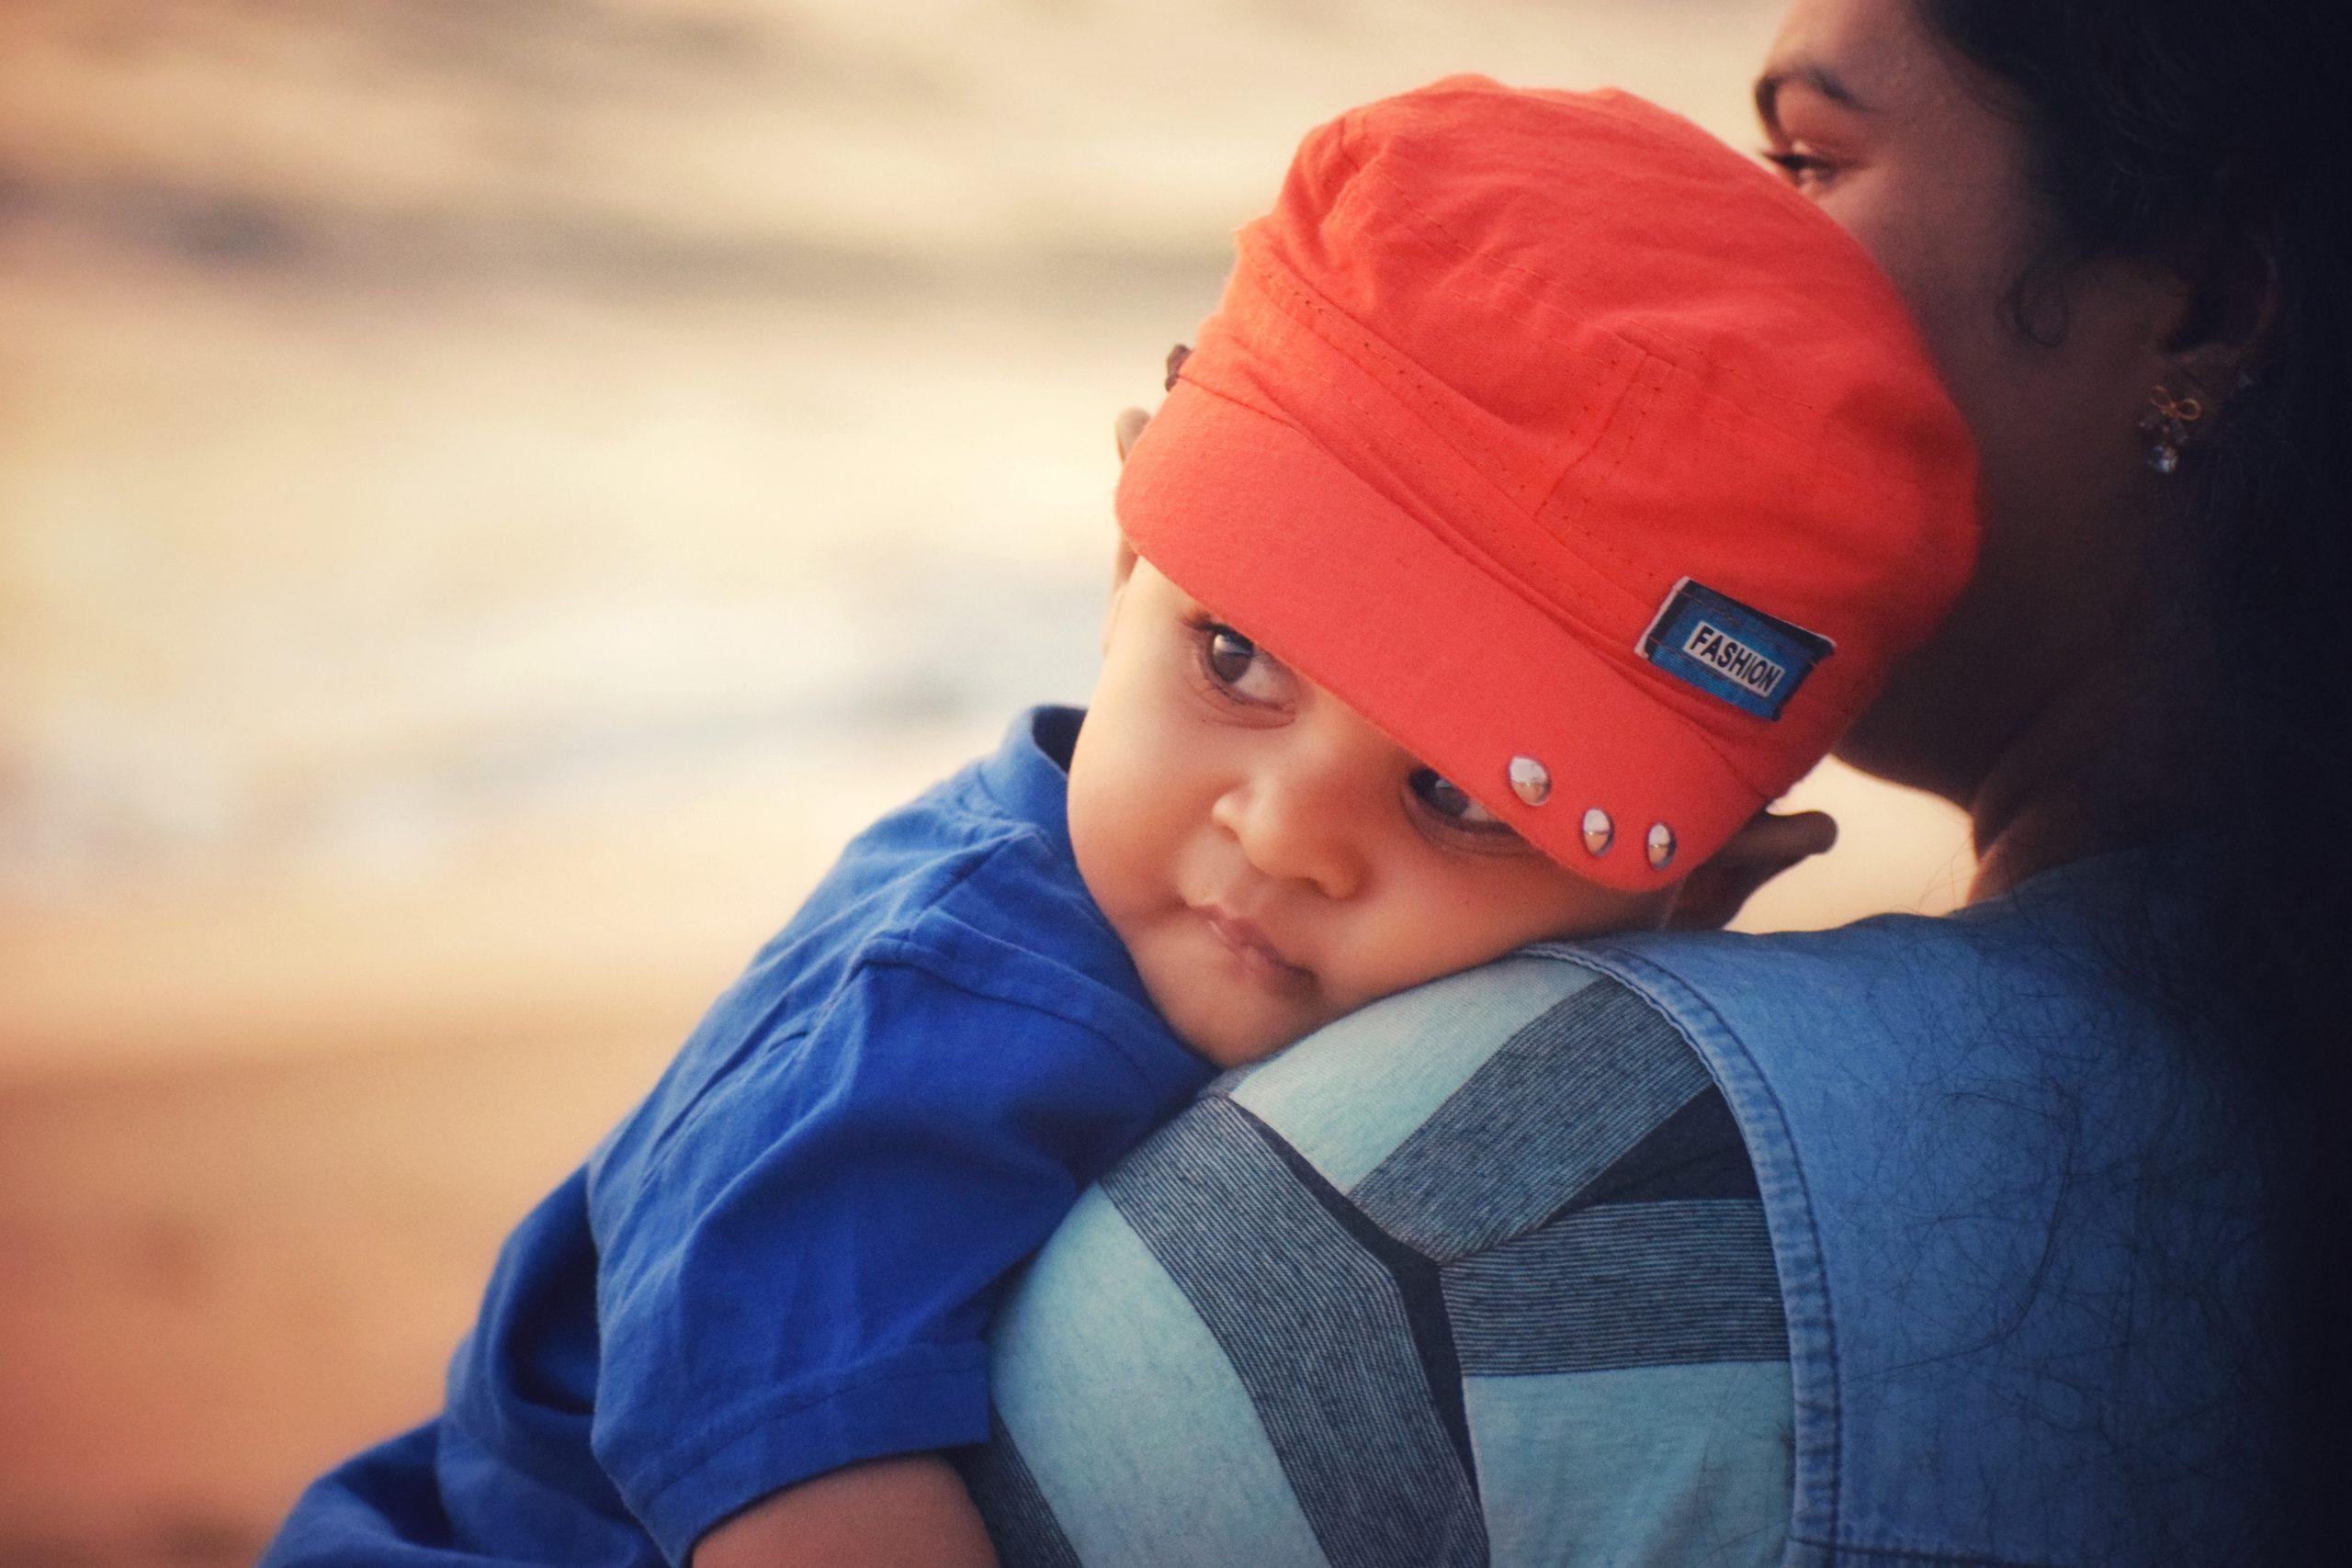 Baby boy with orange cap